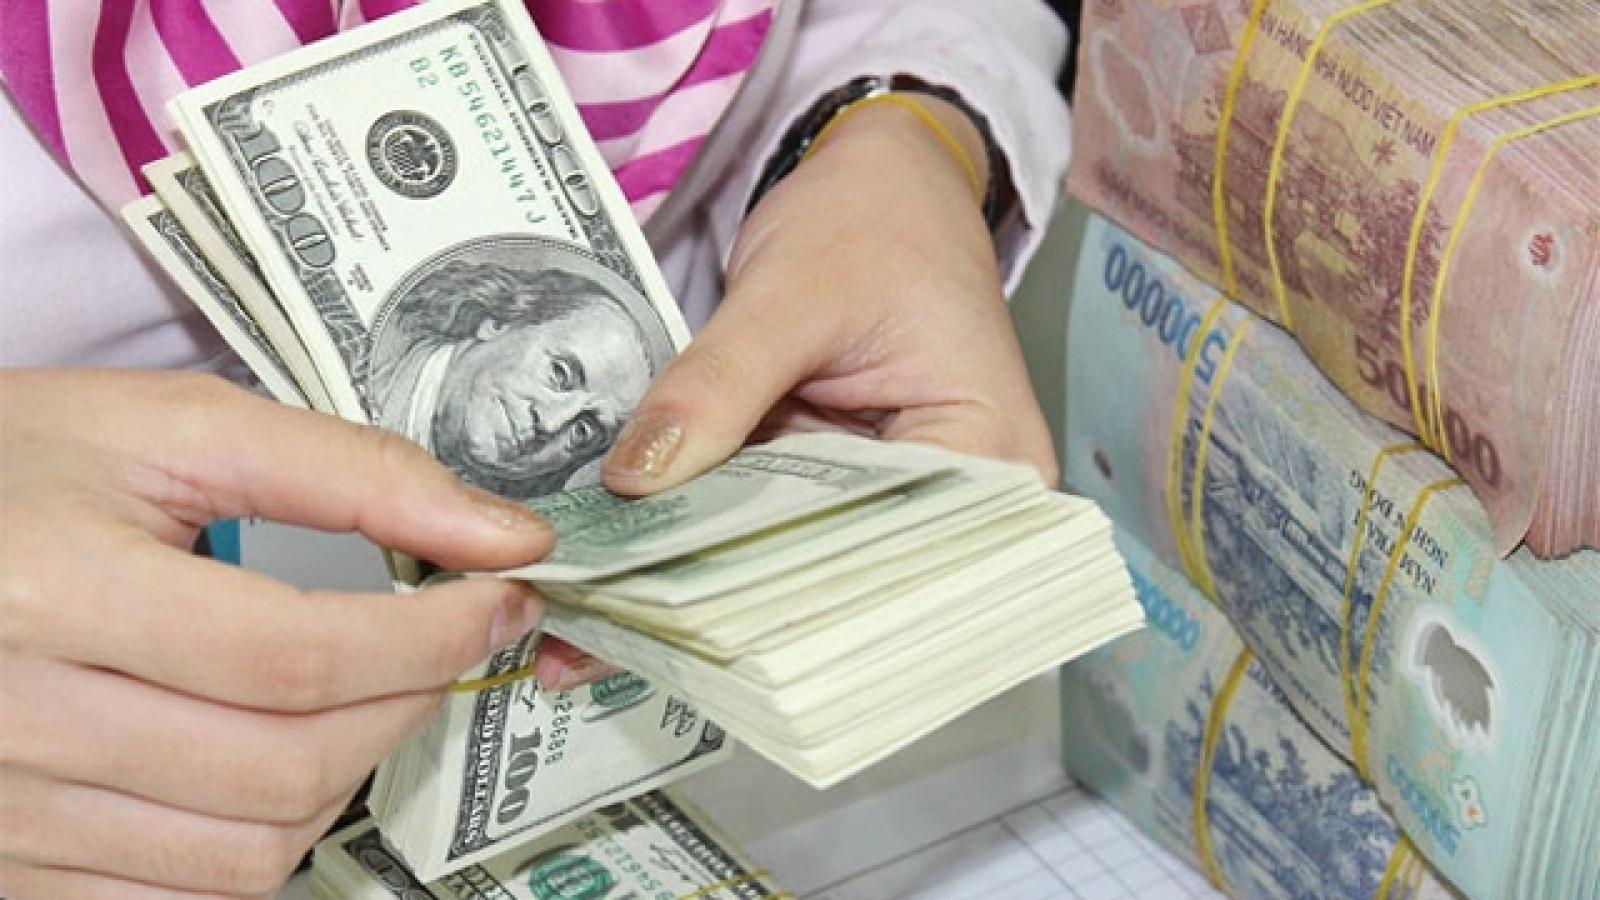 Mỹ và Việt Nam đạt thỏa thuận về các hoạt động tiền tệ